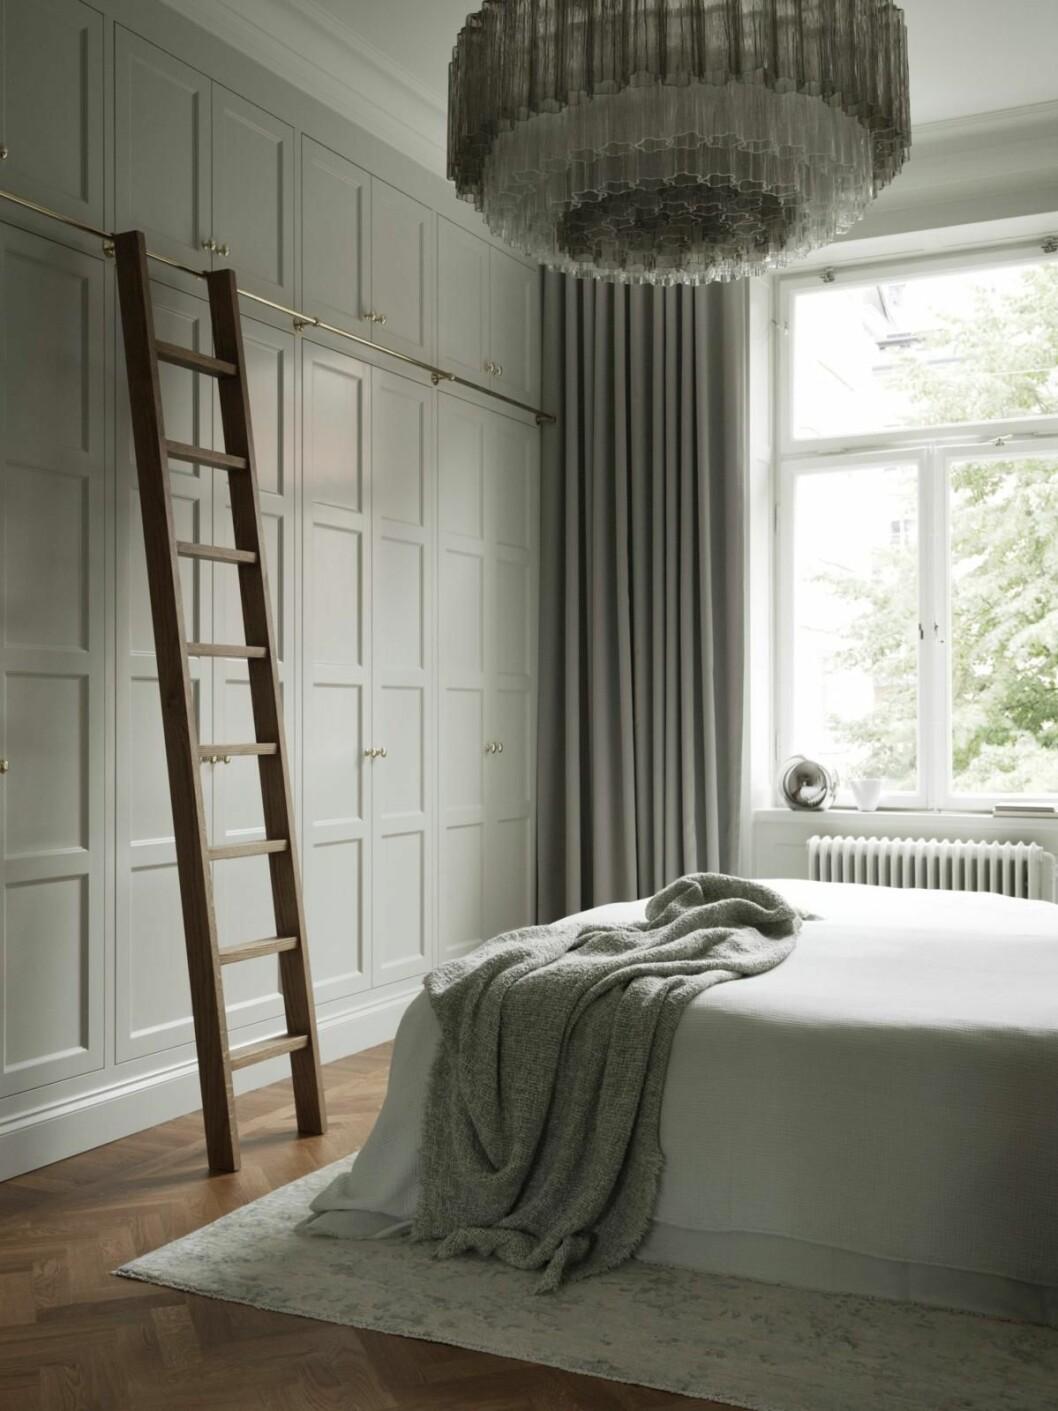 sovrum av Joanna laven